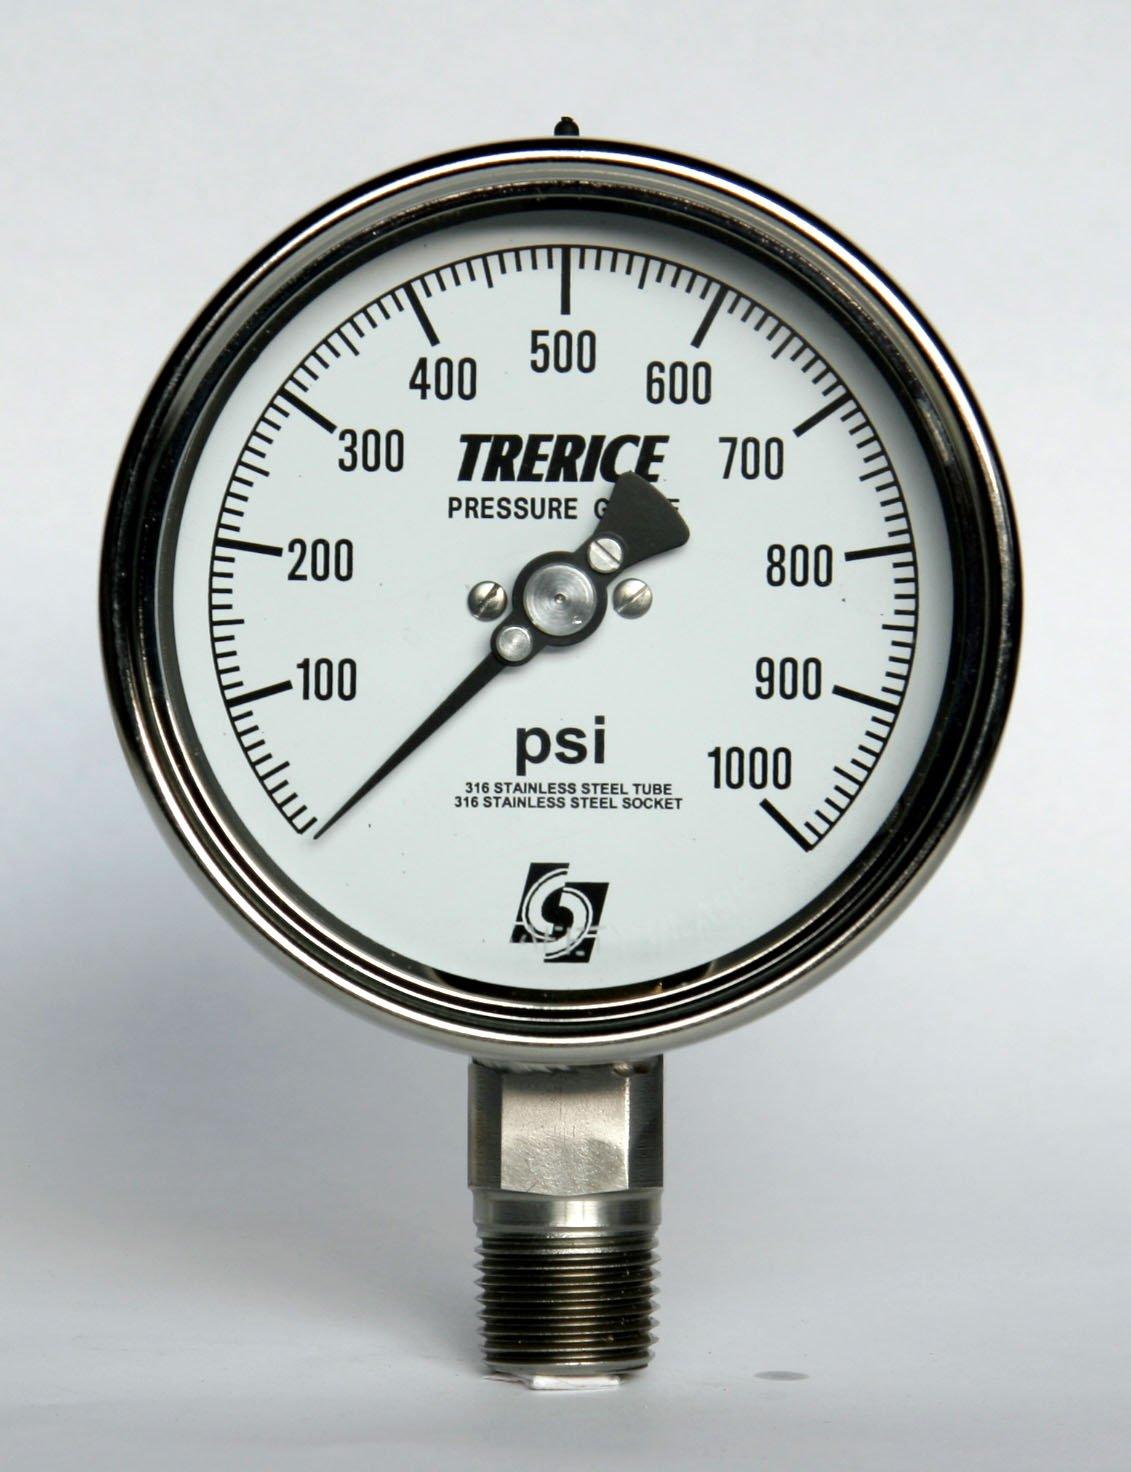 Trerice - 700 series #2